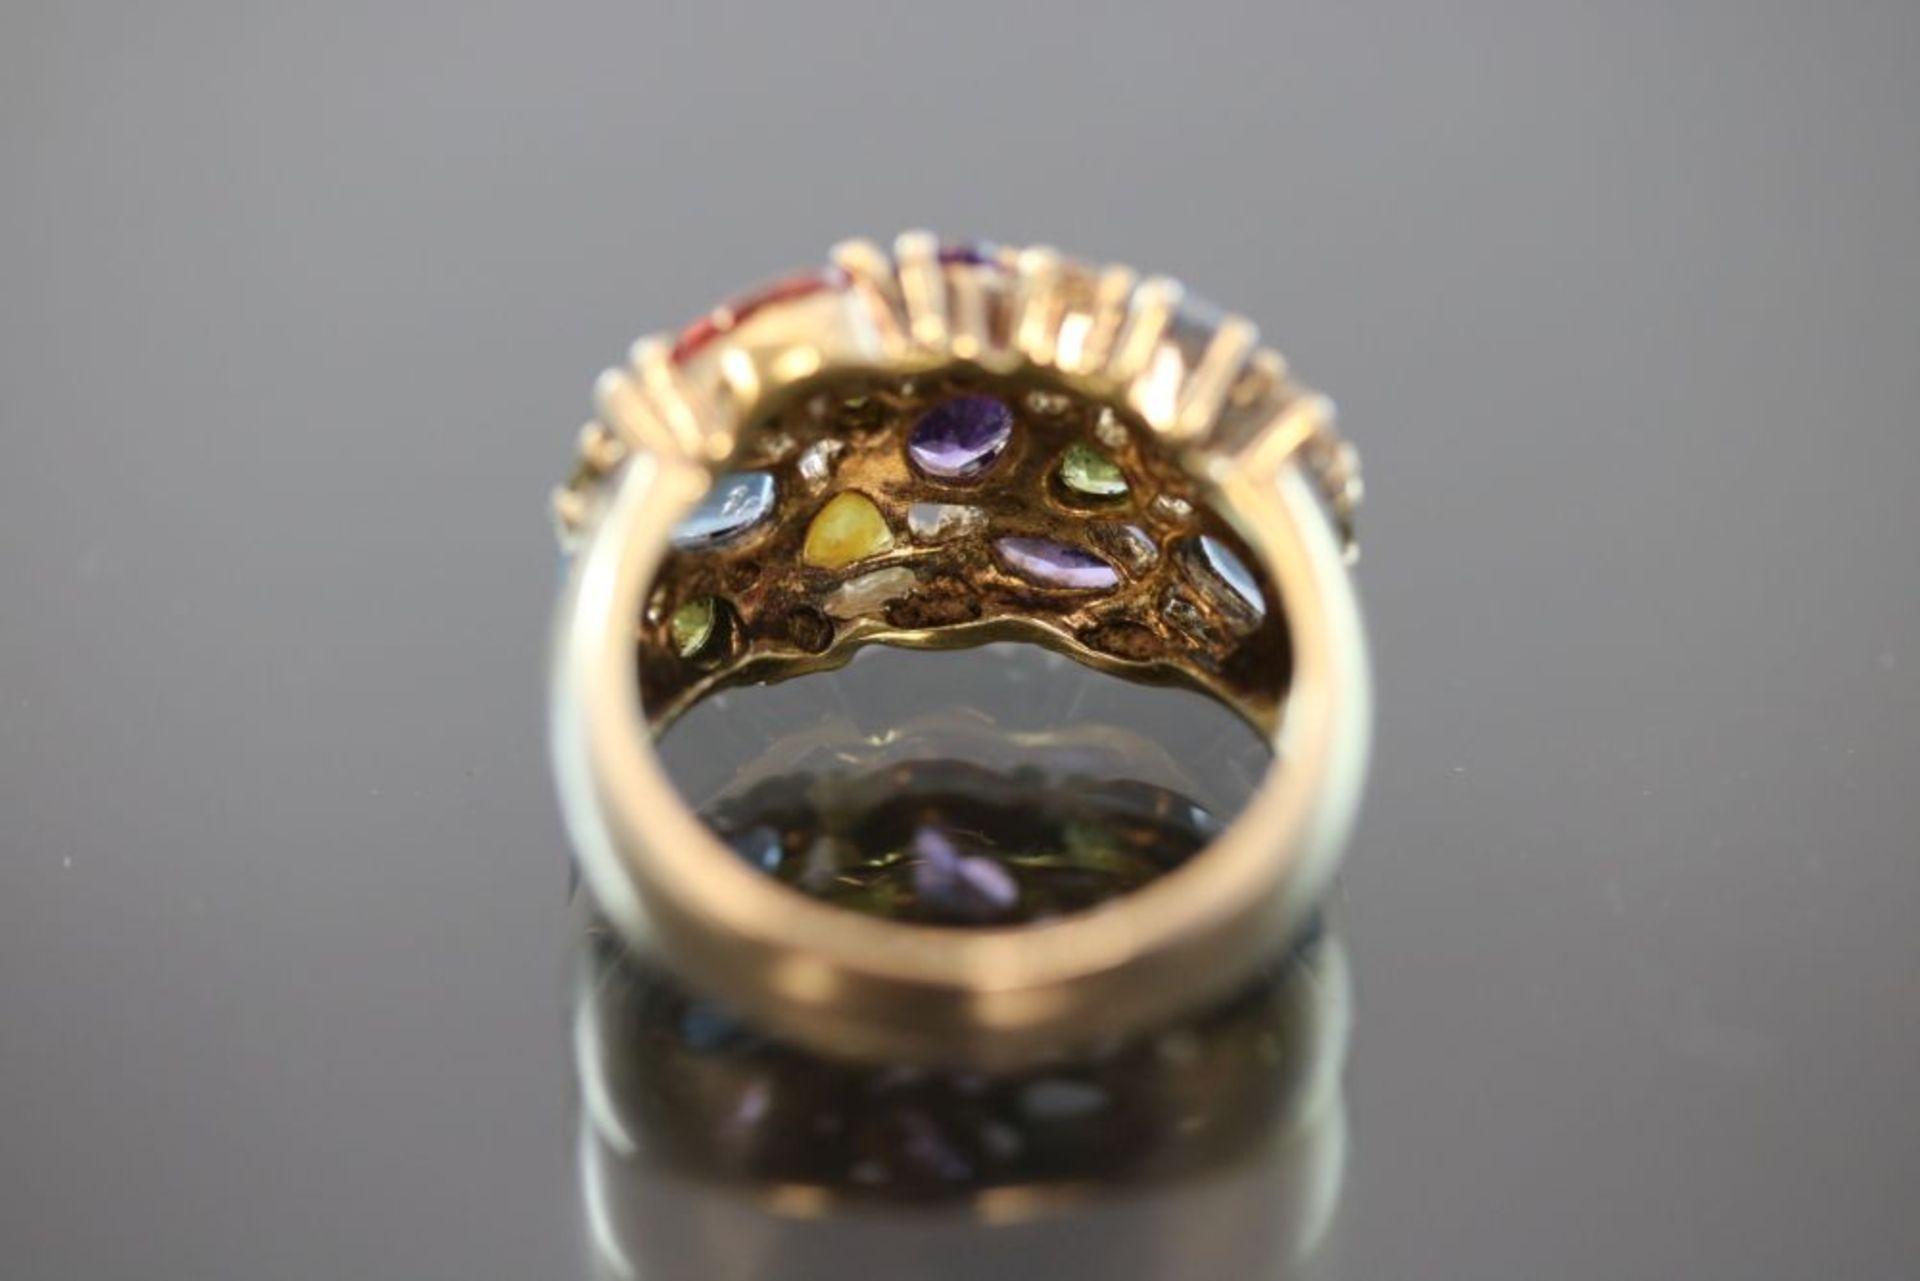 Farbstein-Ring, 925 Silber vergoldet - Bild 3 aus 3